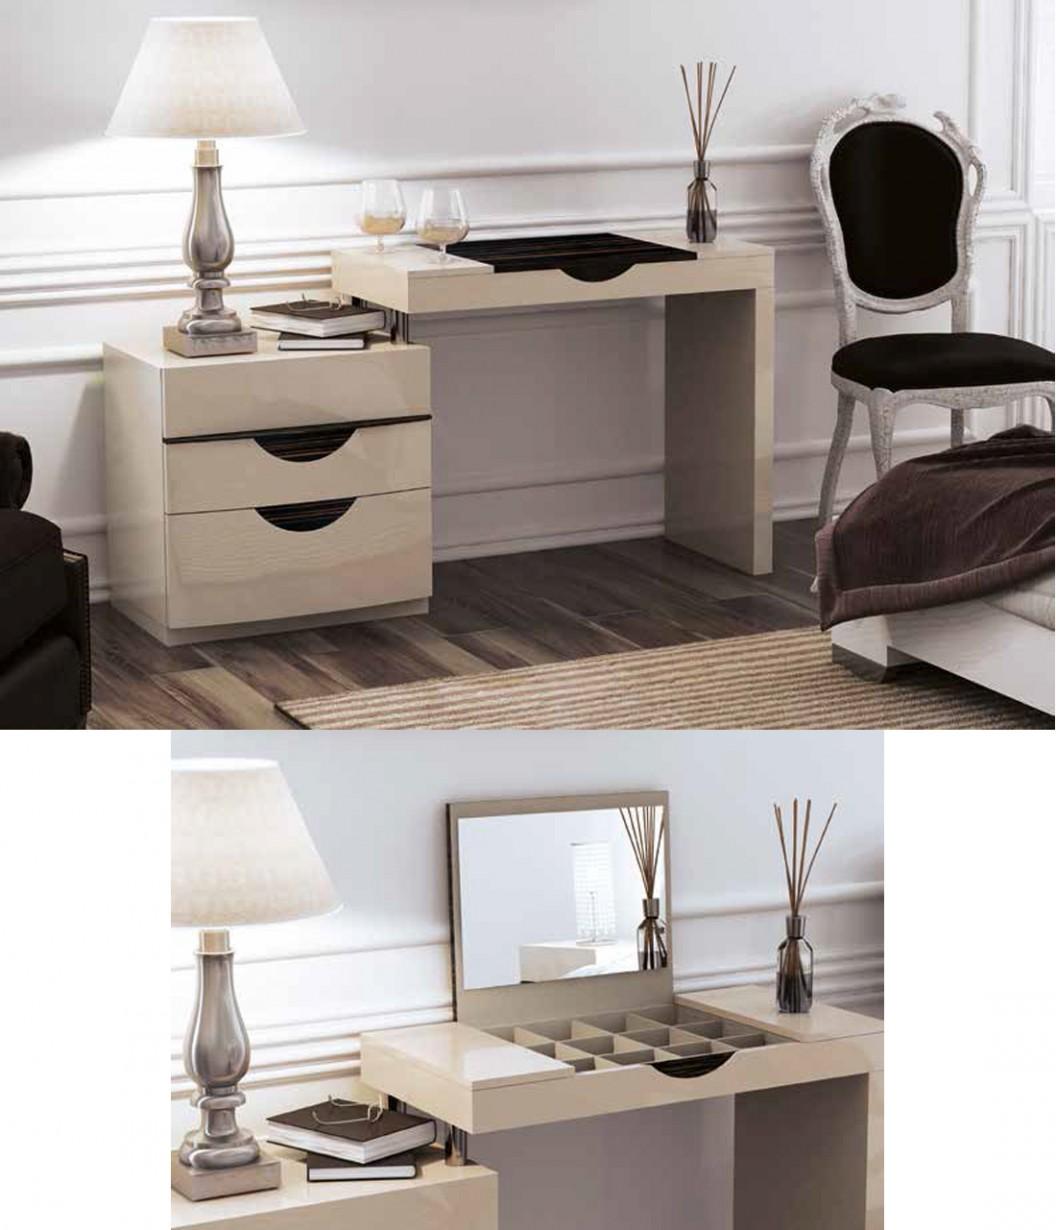 Fenicia Dormitorios Modernos 42 Tocador Y Mesita Tienda De  # Muebles Tocadores Modernos